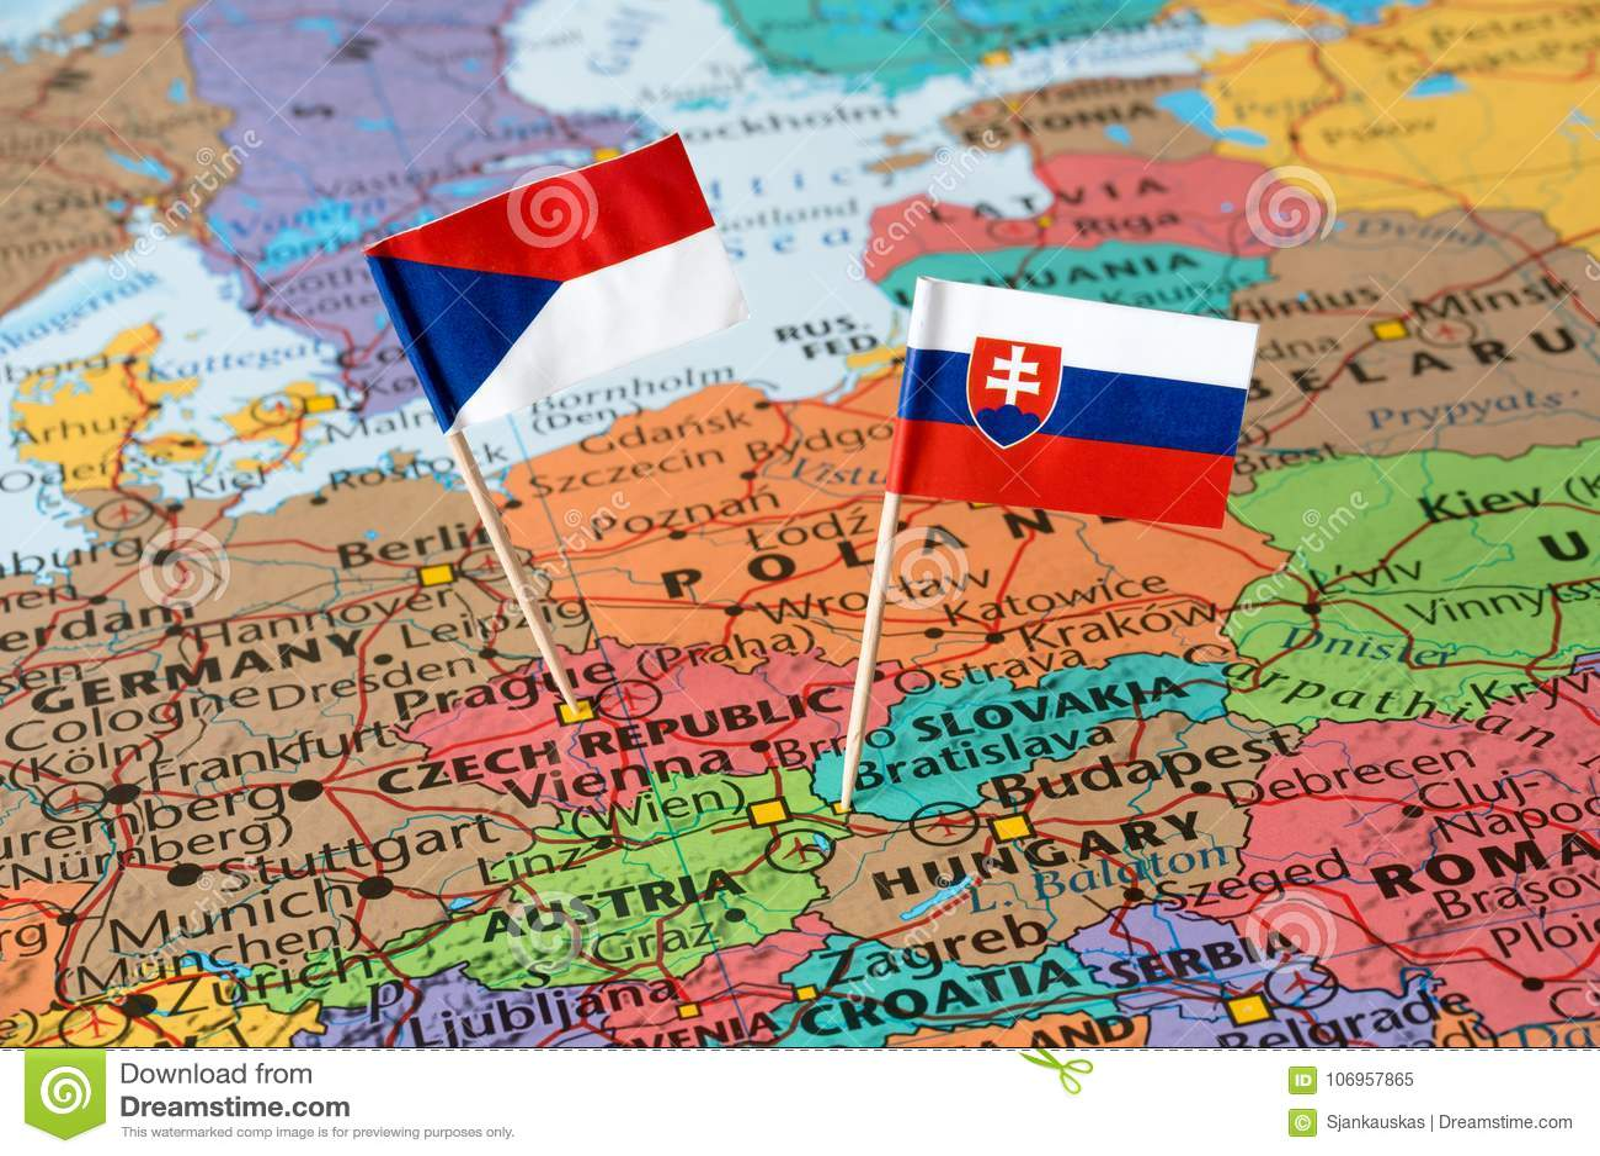 Översikts- och pappersflaggor av Slovakien och Tjeckien